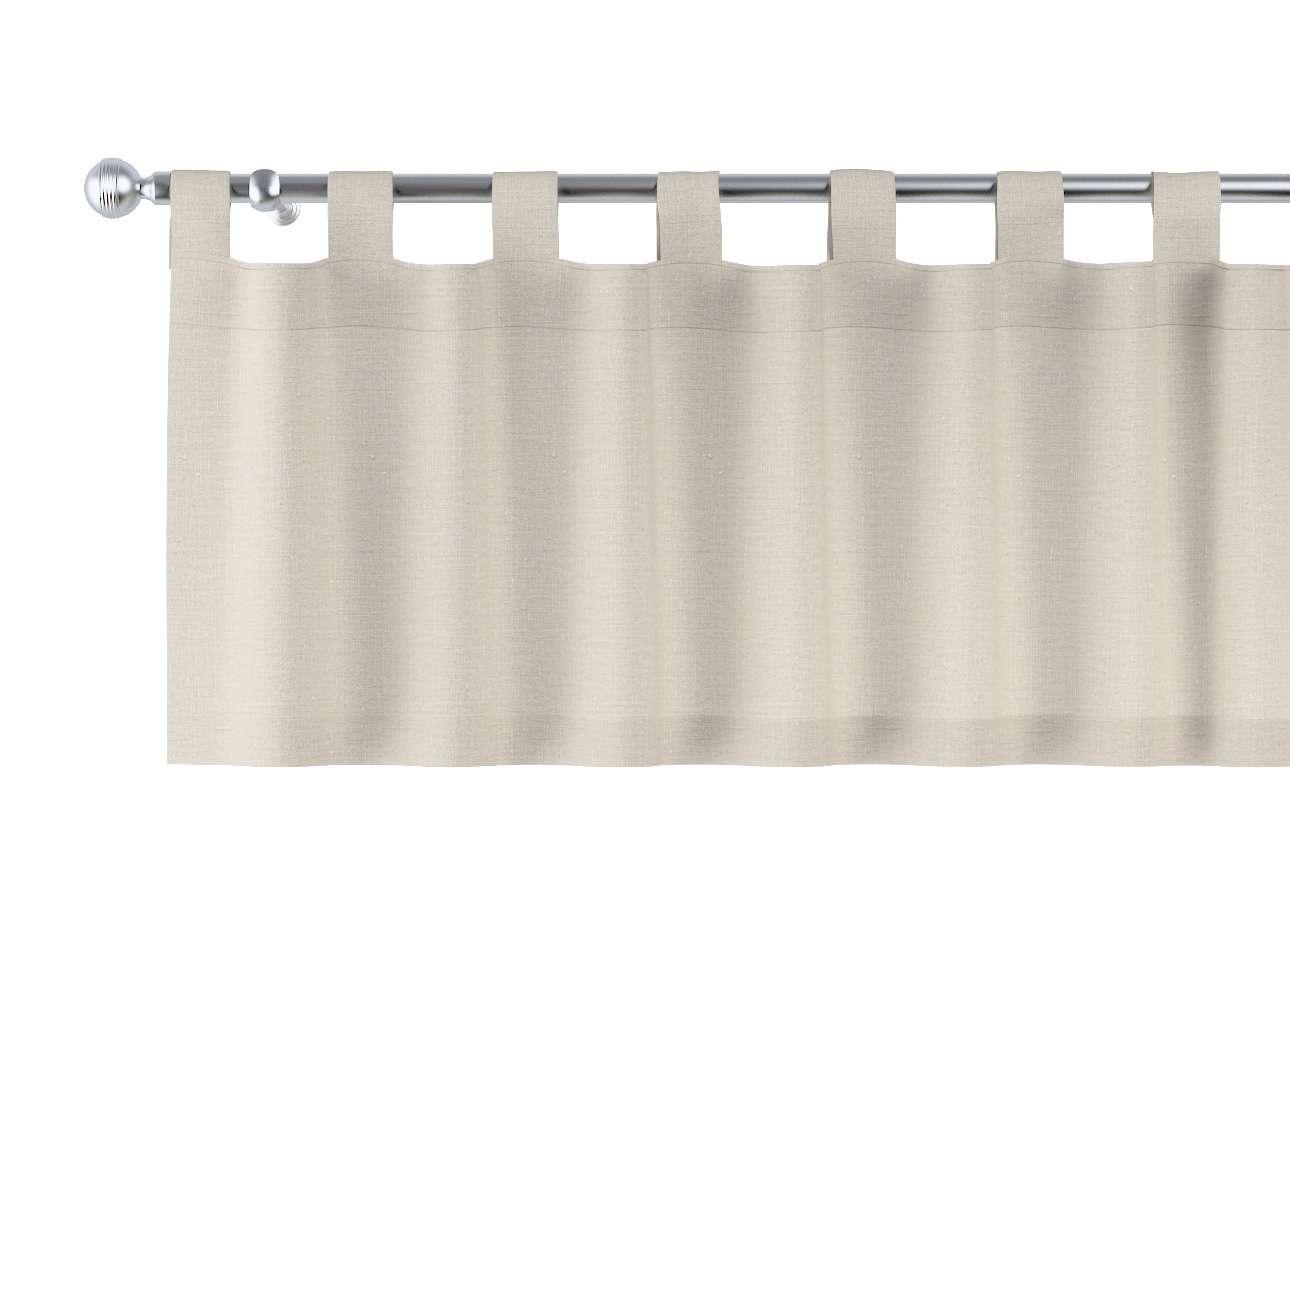 Lambrekin na szelkach 130x40cm w kolekcji Linen, tkanina: 392-05